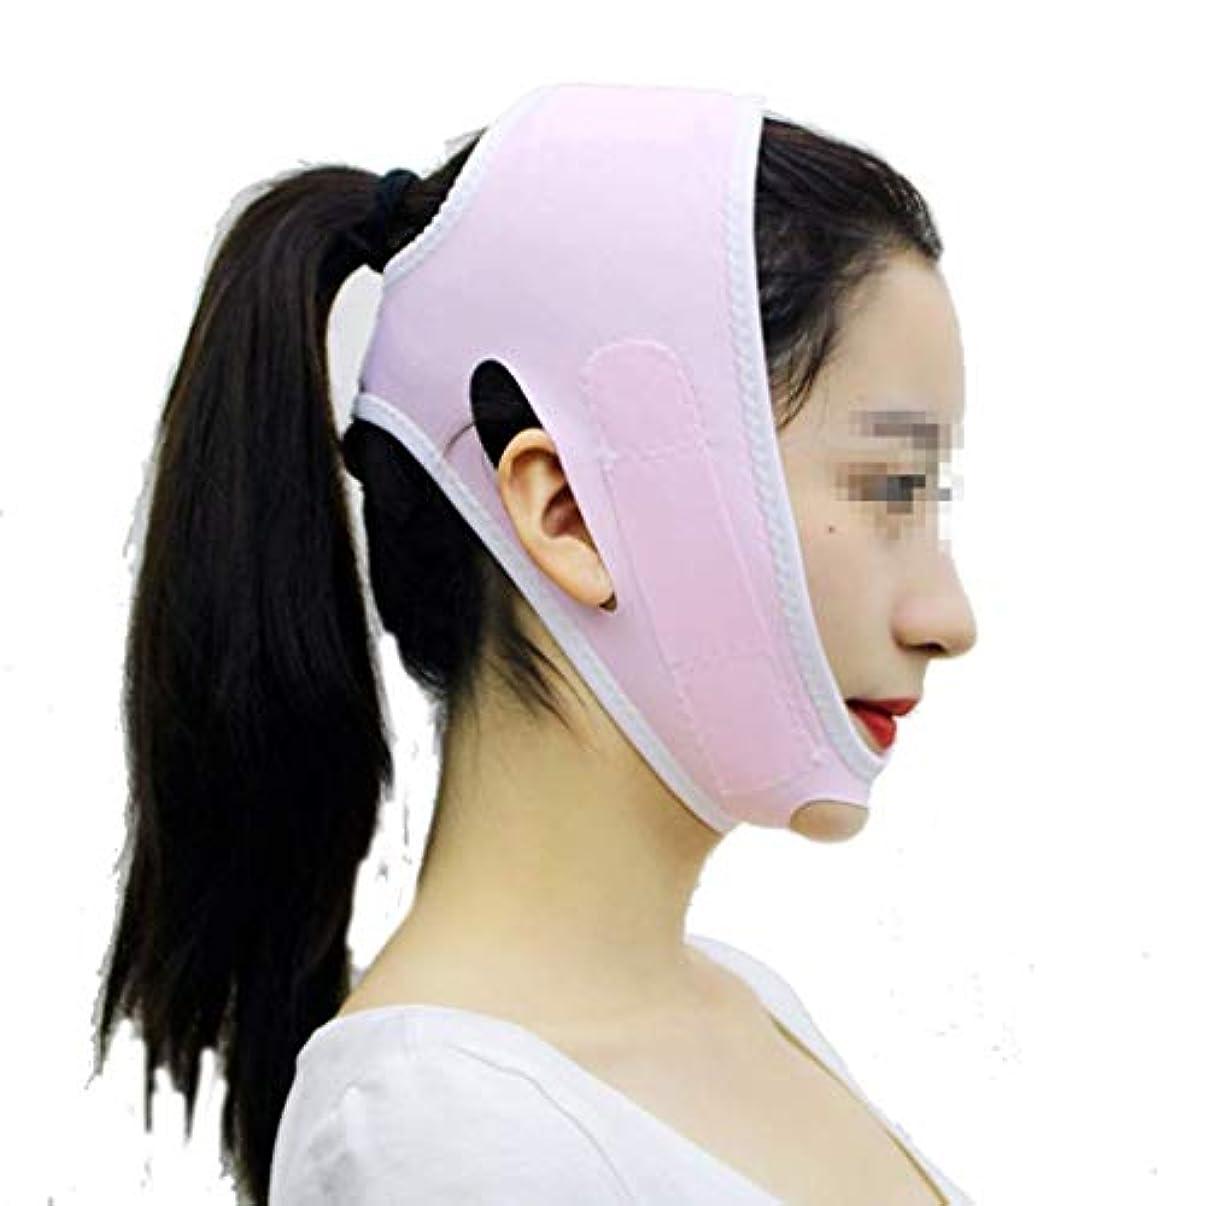 美容包帯、Vフェイス睡眠薄いフェイスマスクライン彫刻回復フードリフティング引き締めフェイスダブルチンマスクマルチカラーオプション(カラー:ピンク),ピンク